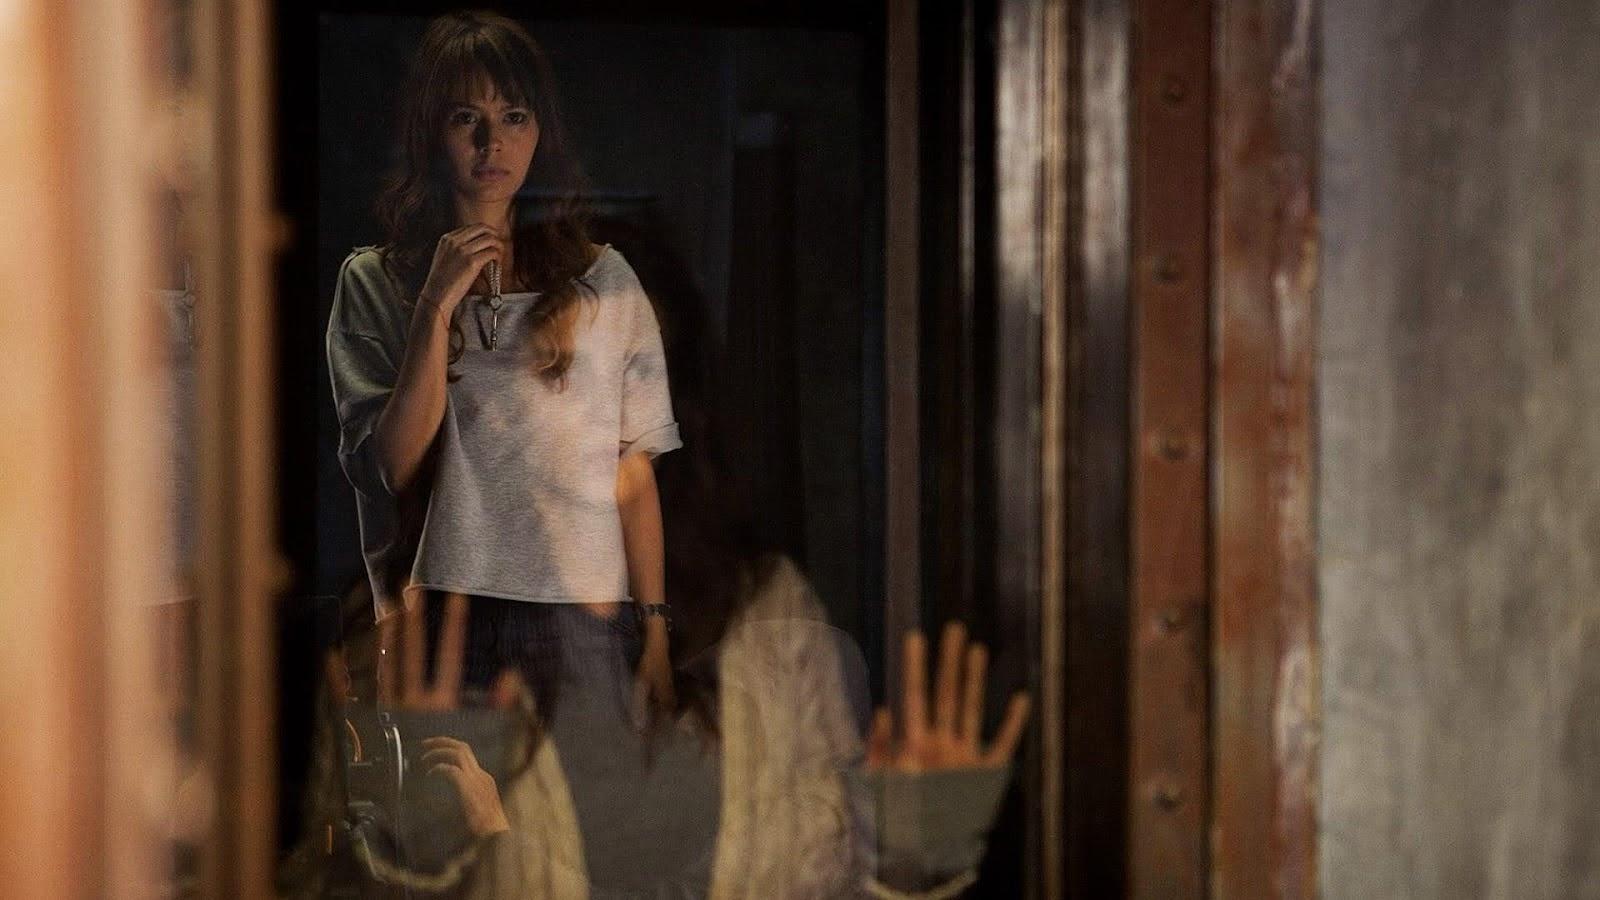 The Hidden Face (2011) - HD Movie Watch Online - Watch24Hrs